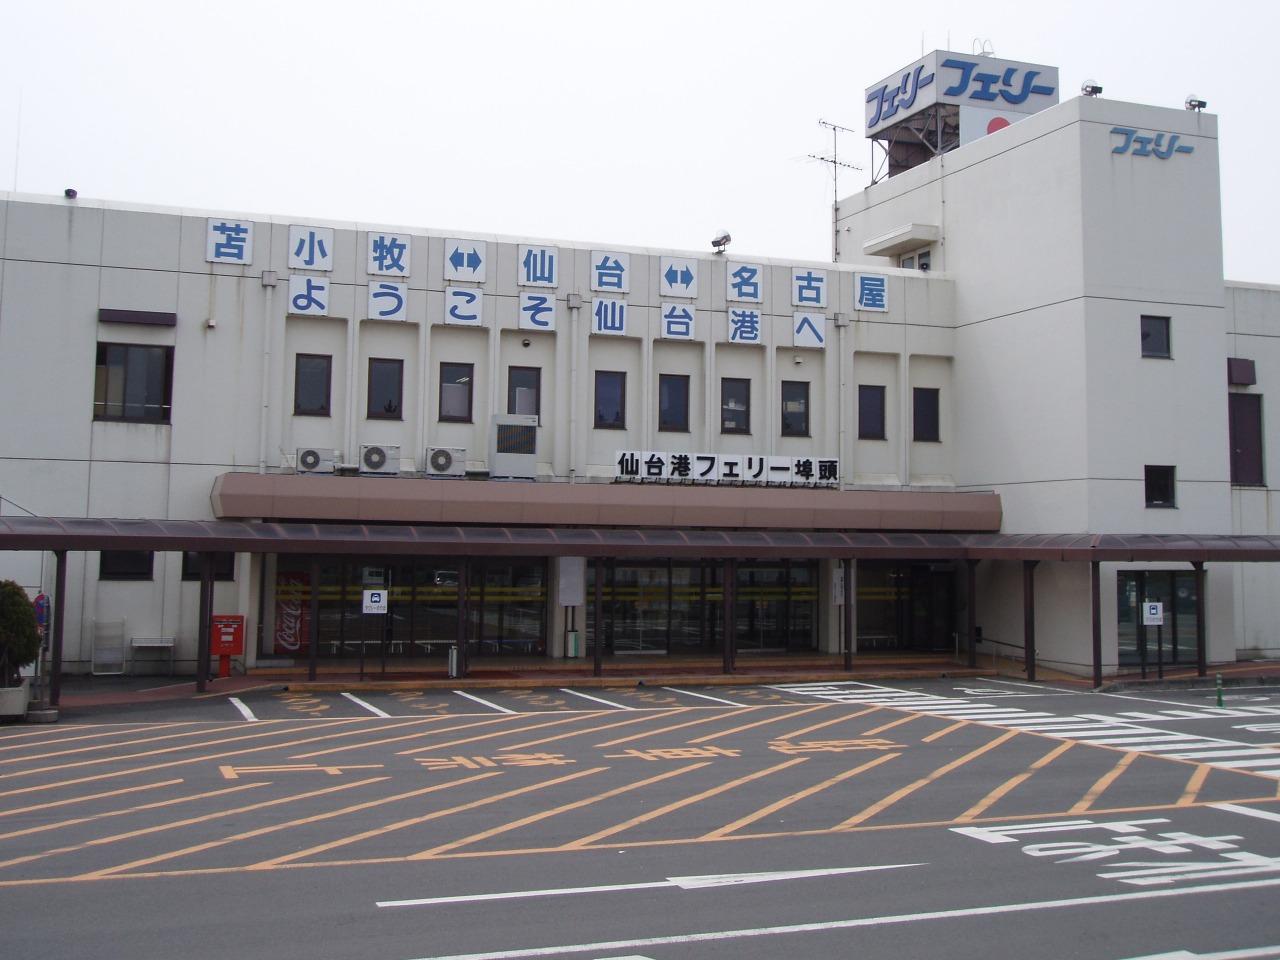 仙台港フェリーターミナル(提供:太平洋フェリー)